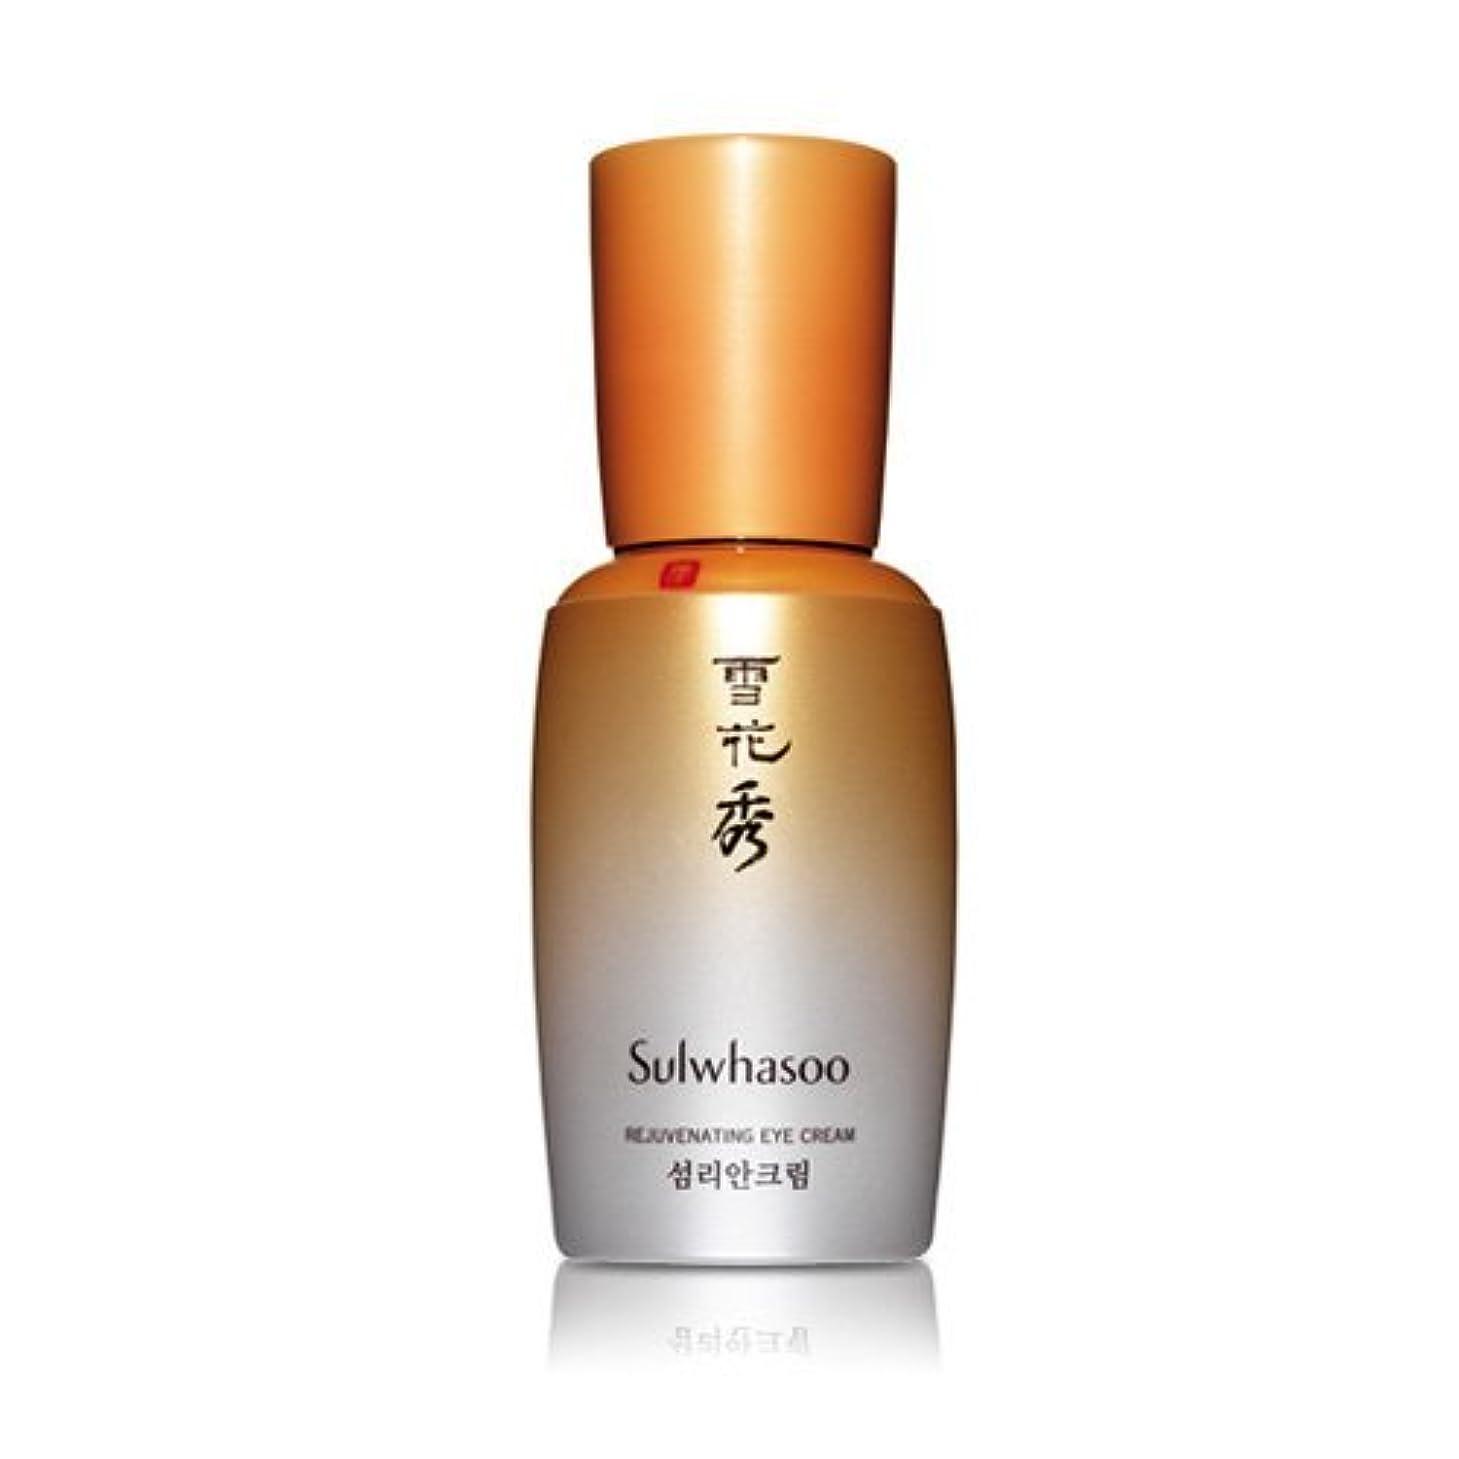 雪花秀/Sulwhasoo/ソルファス 閃理眼(ソムリアン)アイクリーム Rejuvenating Eye Cream 25ml Honest Skin 海外直送品